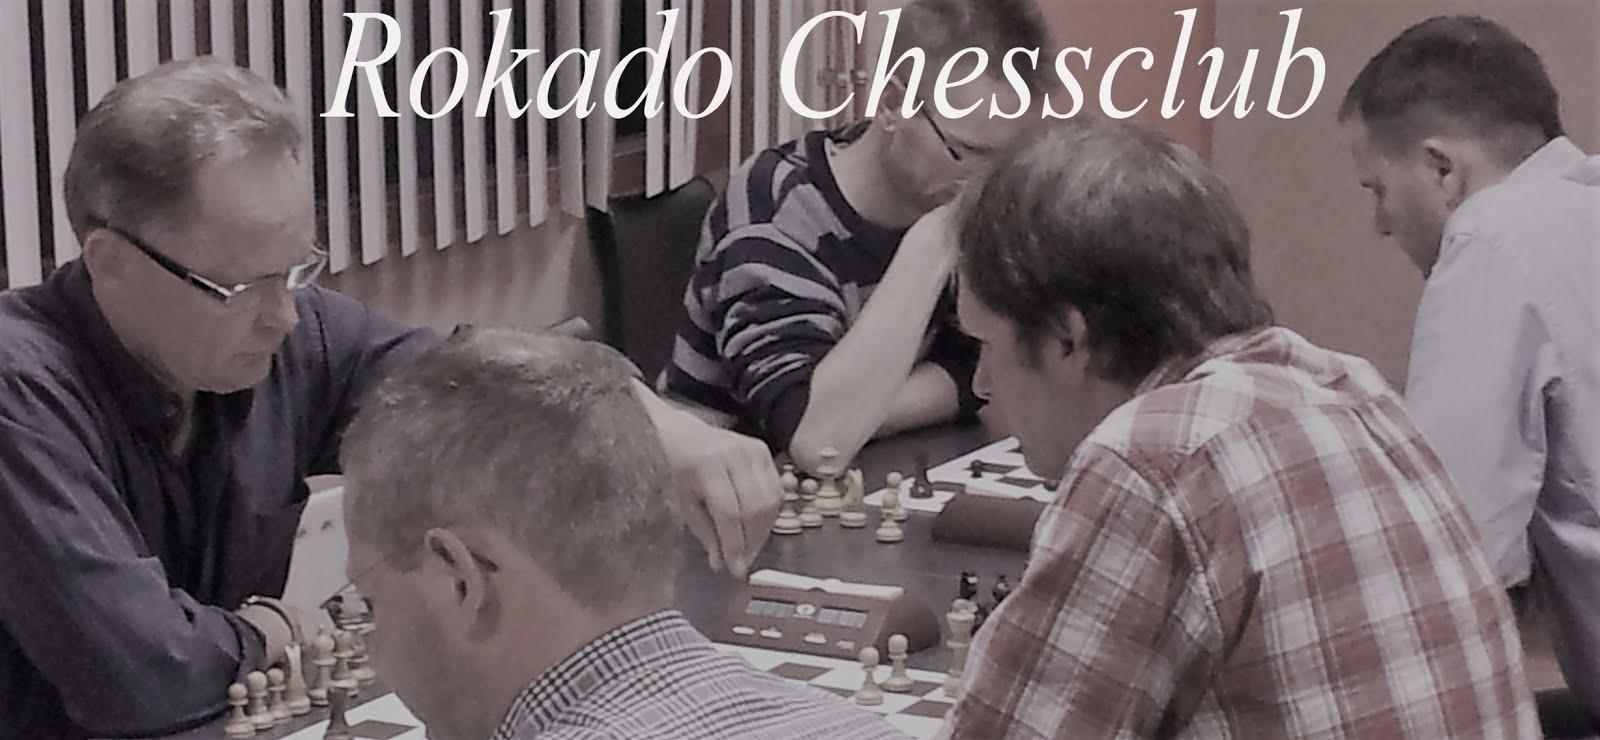 CHESSCLUB ROKADO